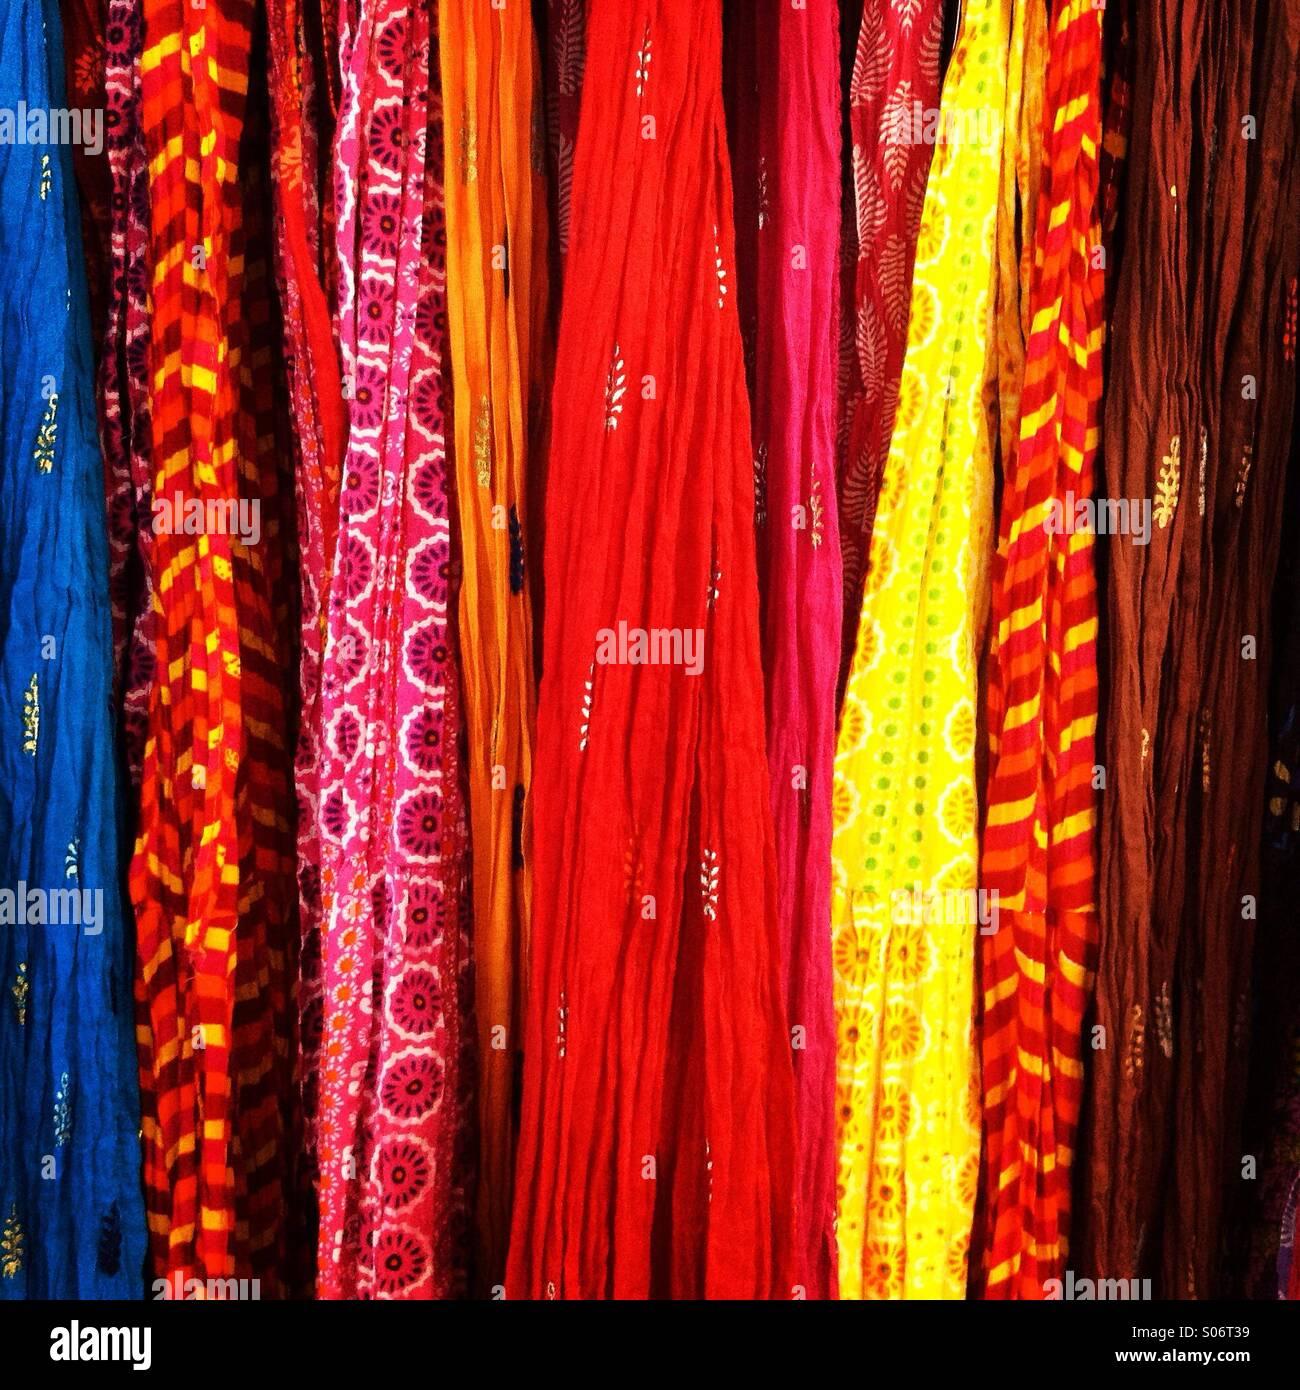 Abbigliamento colorato Foto Stock